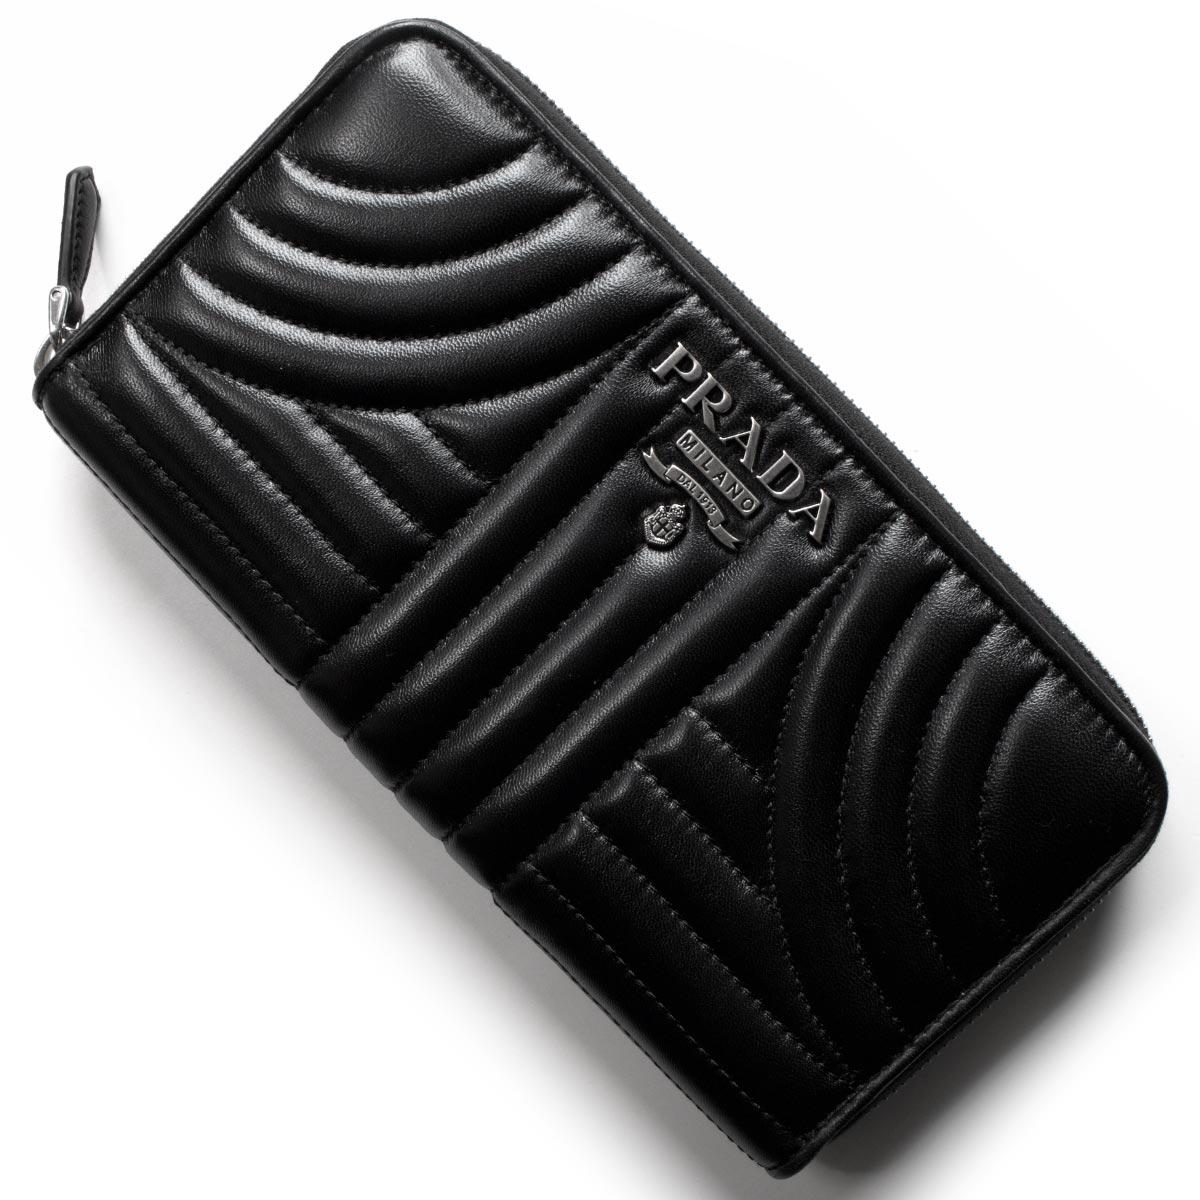 プラダ 長財布 財布 レディース ナッパ インプントゥーレ ブラック 1ML506 2B0X F0002 PRADA